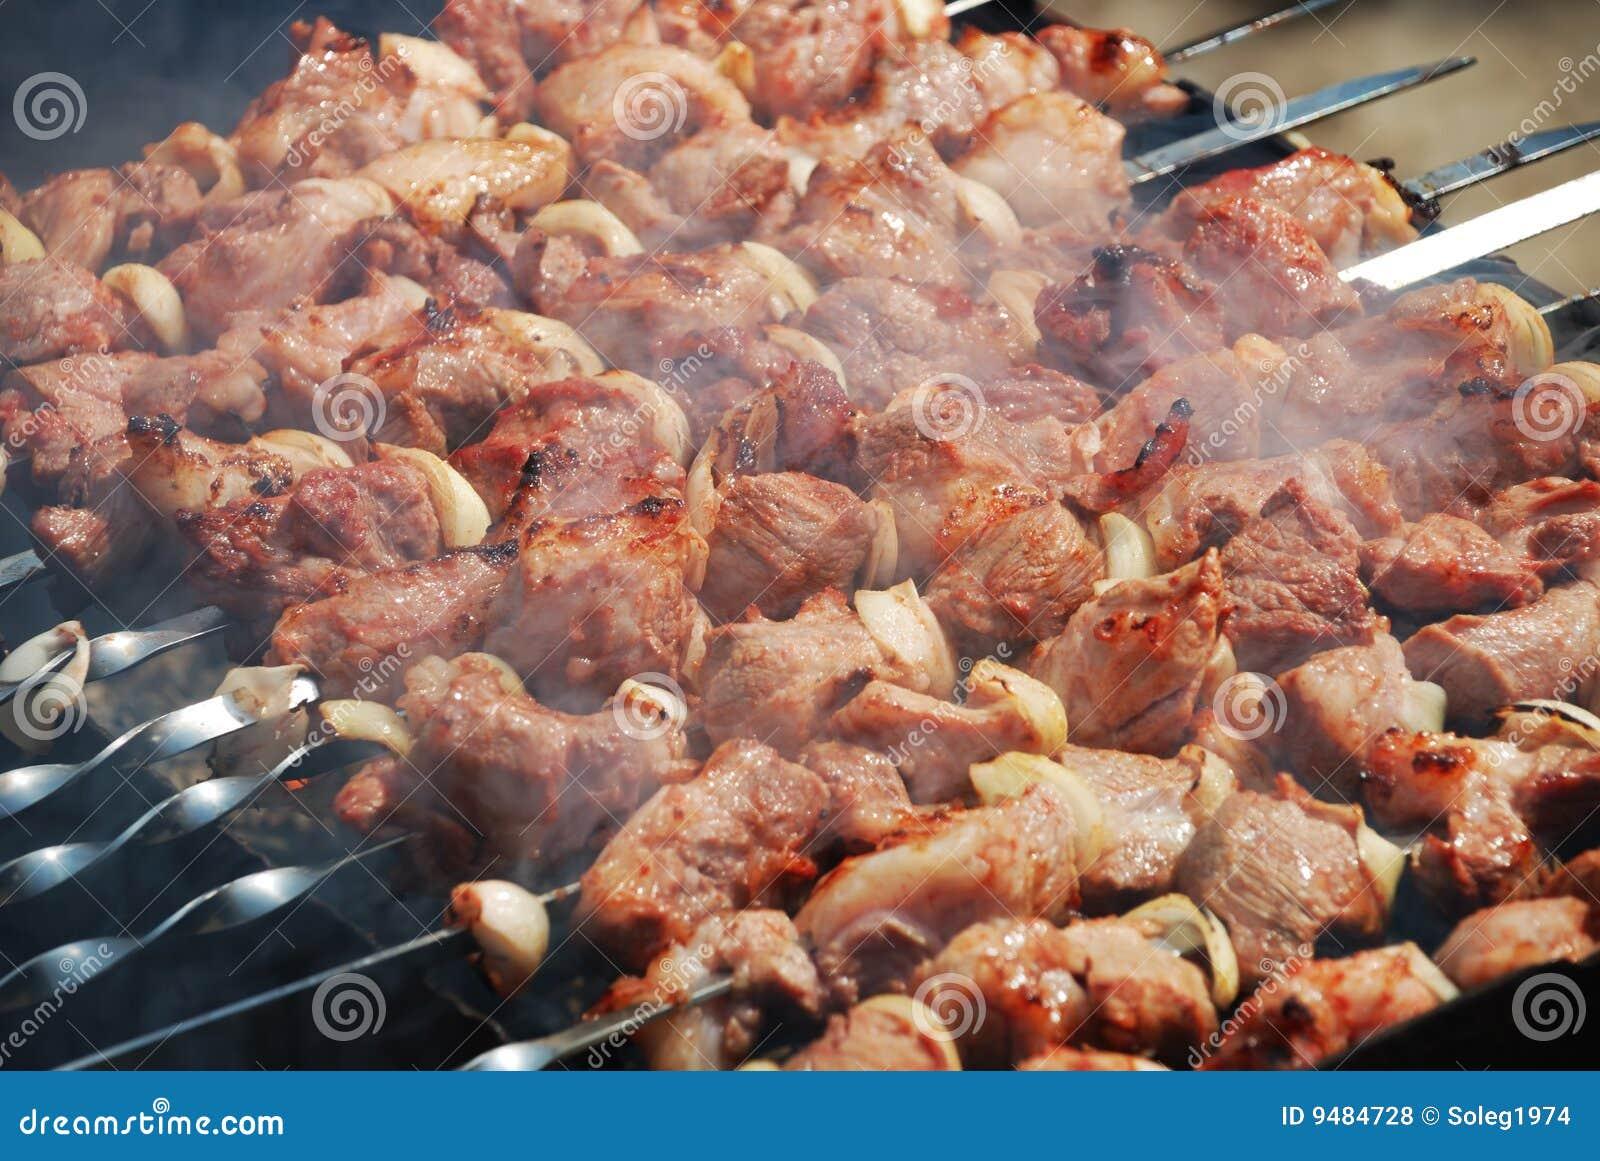 Meat is fried on fire